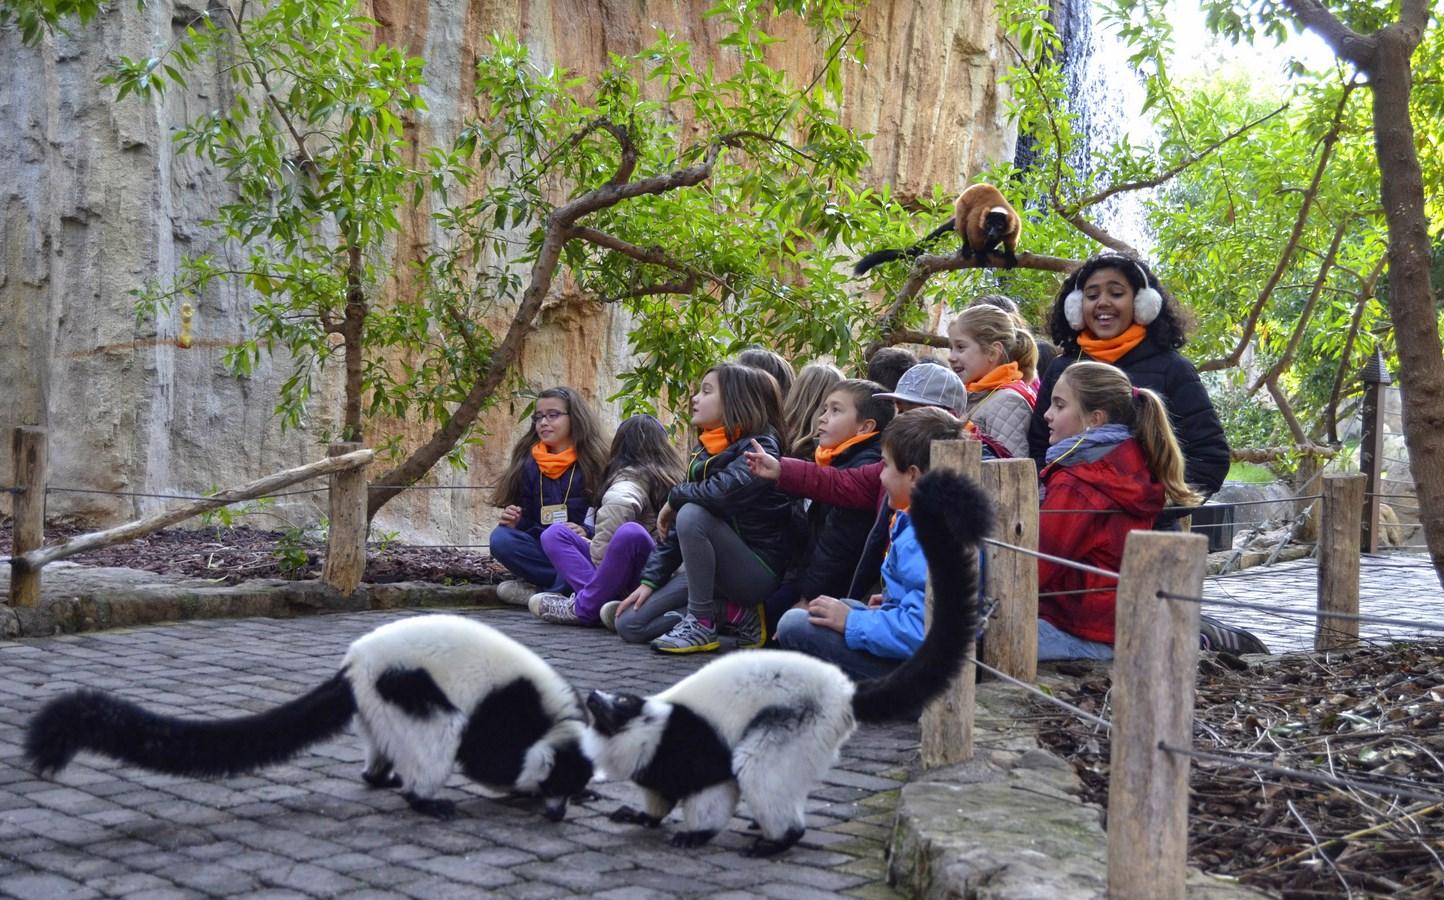 Niños y niñas de Expedición África observando a los lémures - Navidad en Bioparc Valencia - 2014 (Copiar)